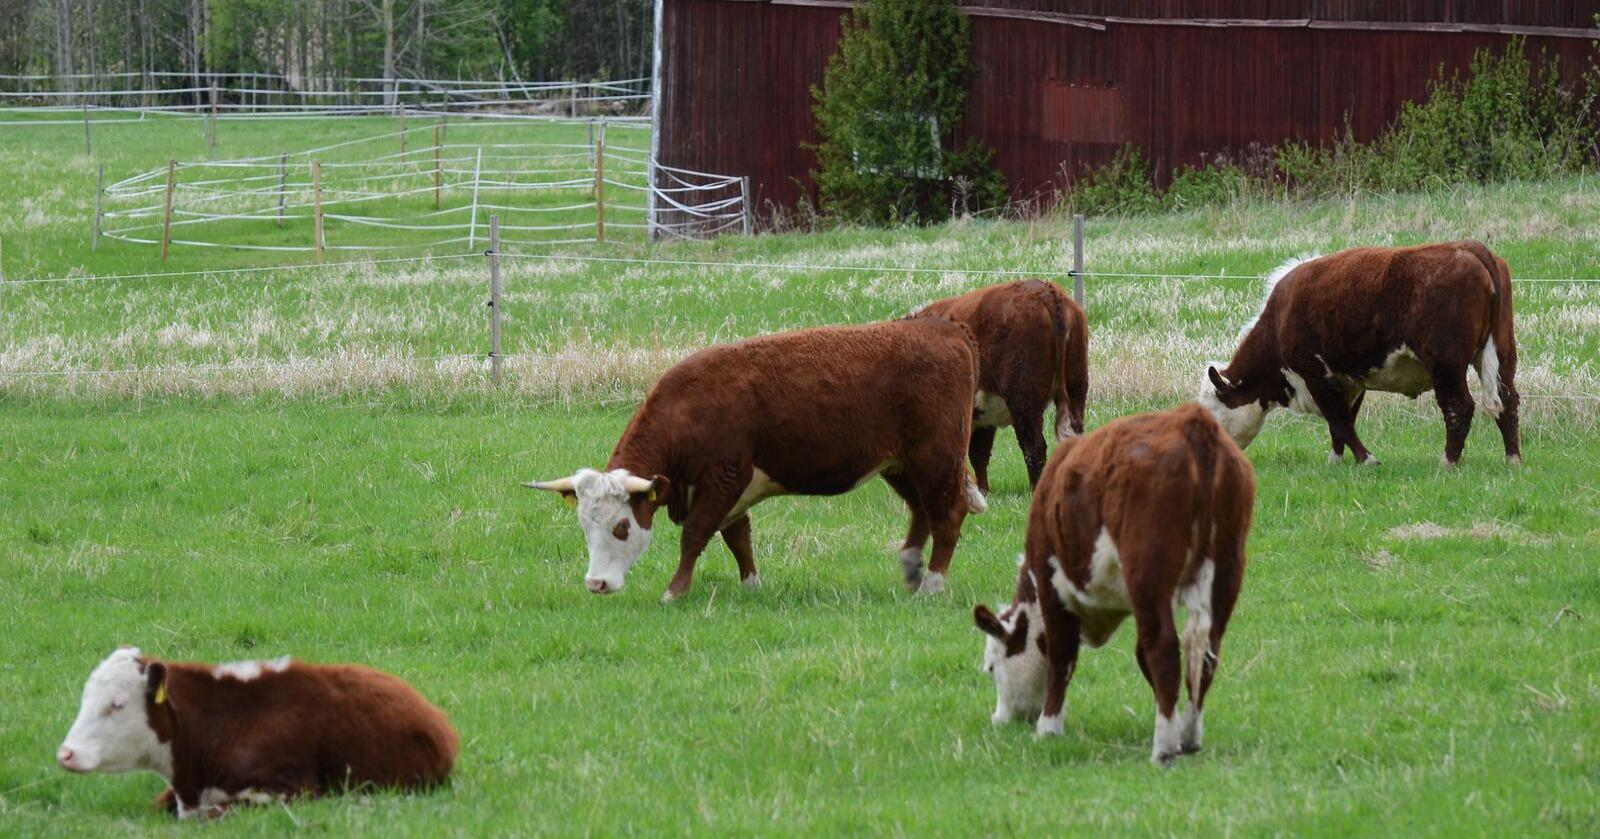 Kjøtt må med: Vi tror det er fullt mulig å øke etterspørsel og dyrking av norske matplanter, men målet om 60 prosent selvforsyning er i alle fall uoppnåelig uten at kjøtt som proteinkilde er en viktig del av løsningen, skriver innsenderne. Foto: Mostphotos